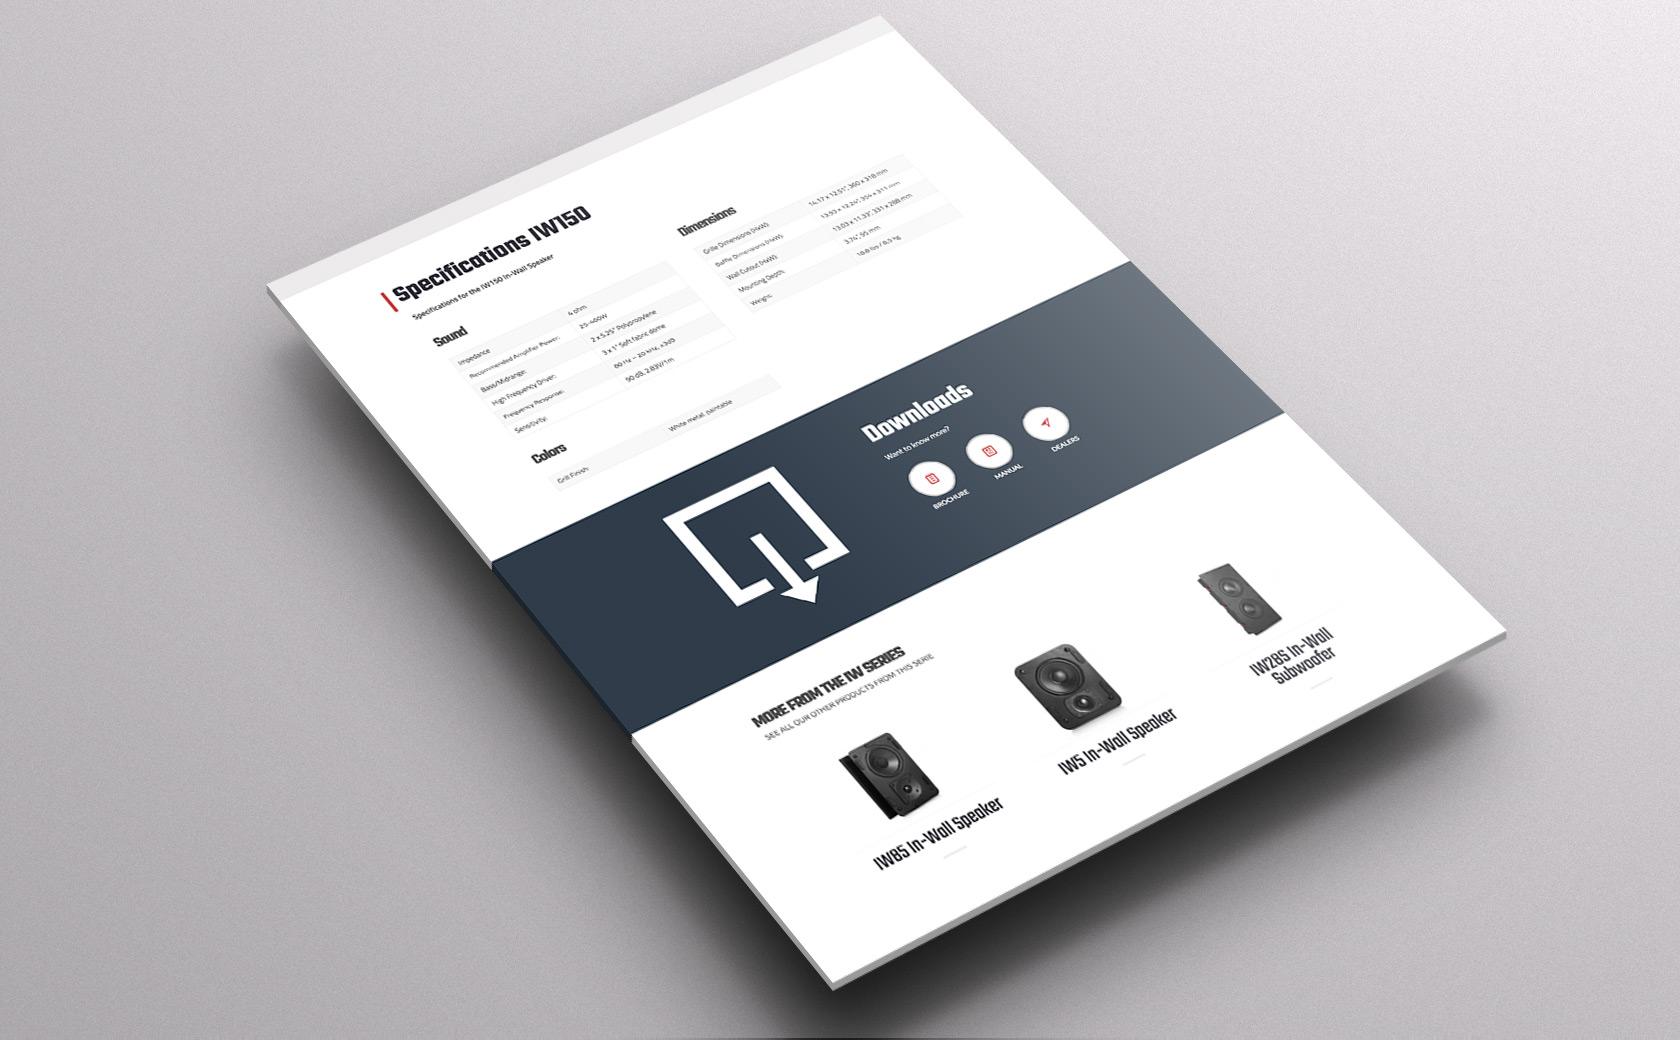 MKSound_iPad-flowed_02.jpg